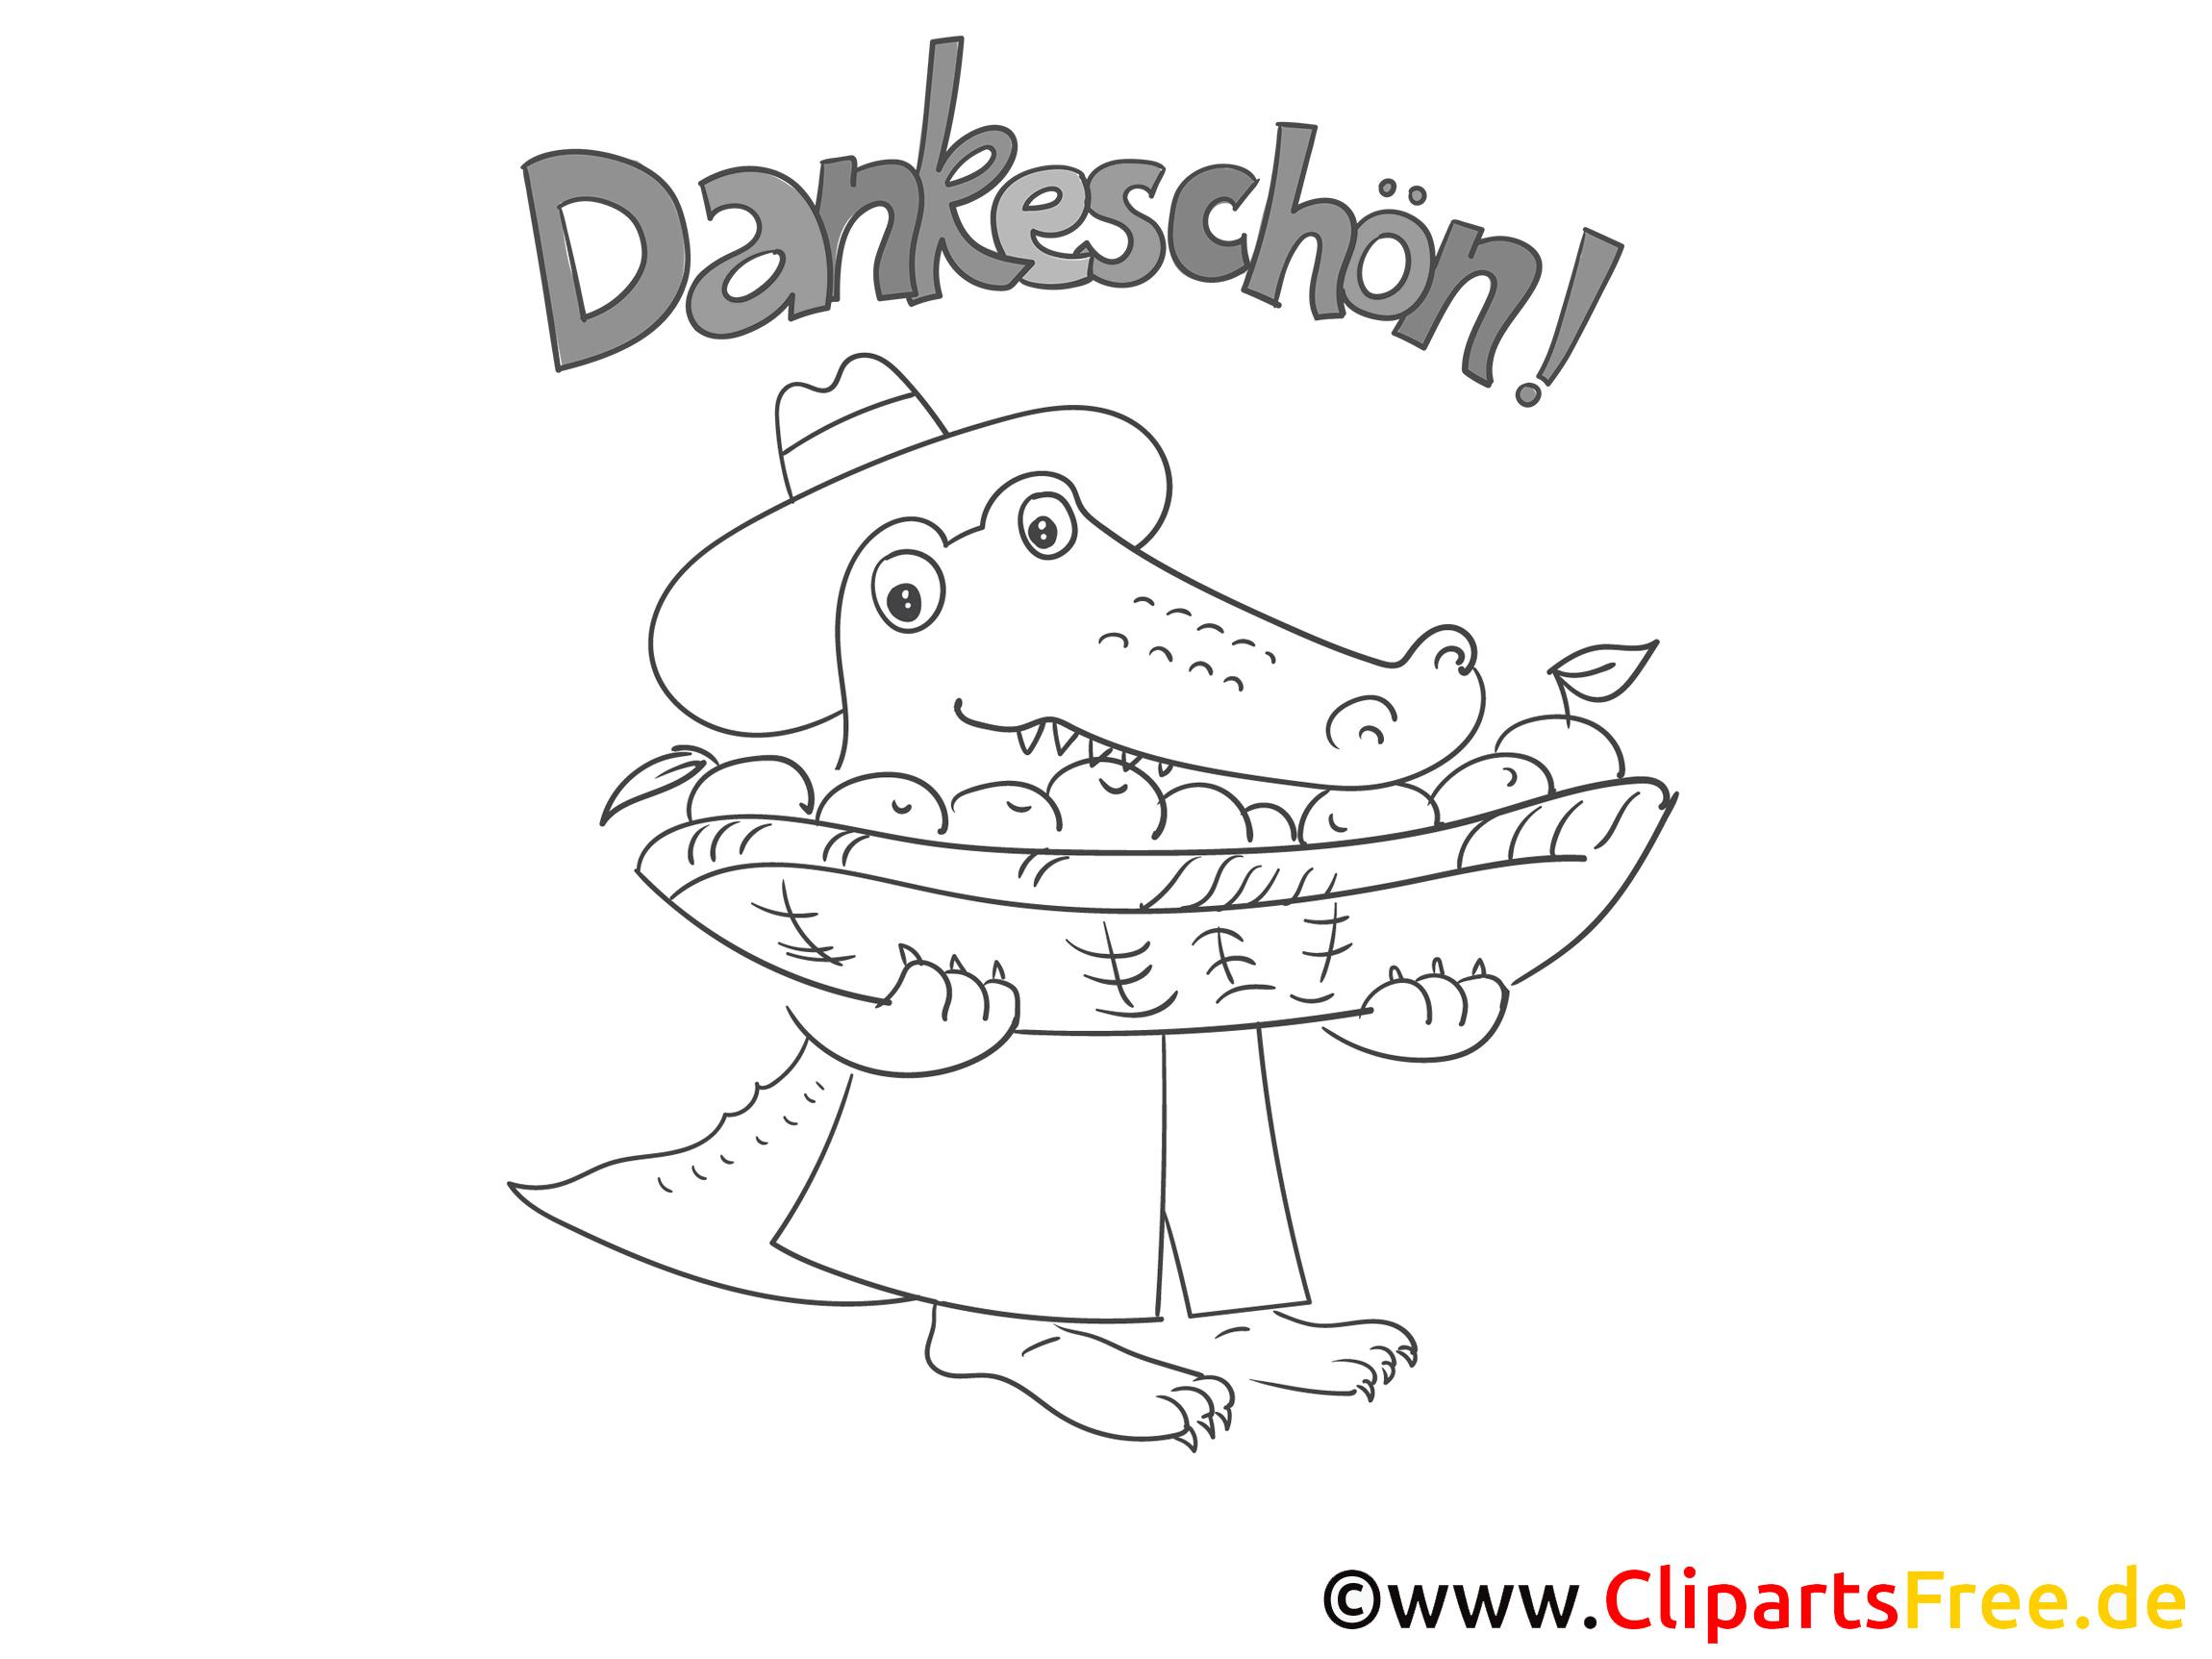 Großartig Krokodil Malvorlagen Zum Ausdrucken Ideen ...